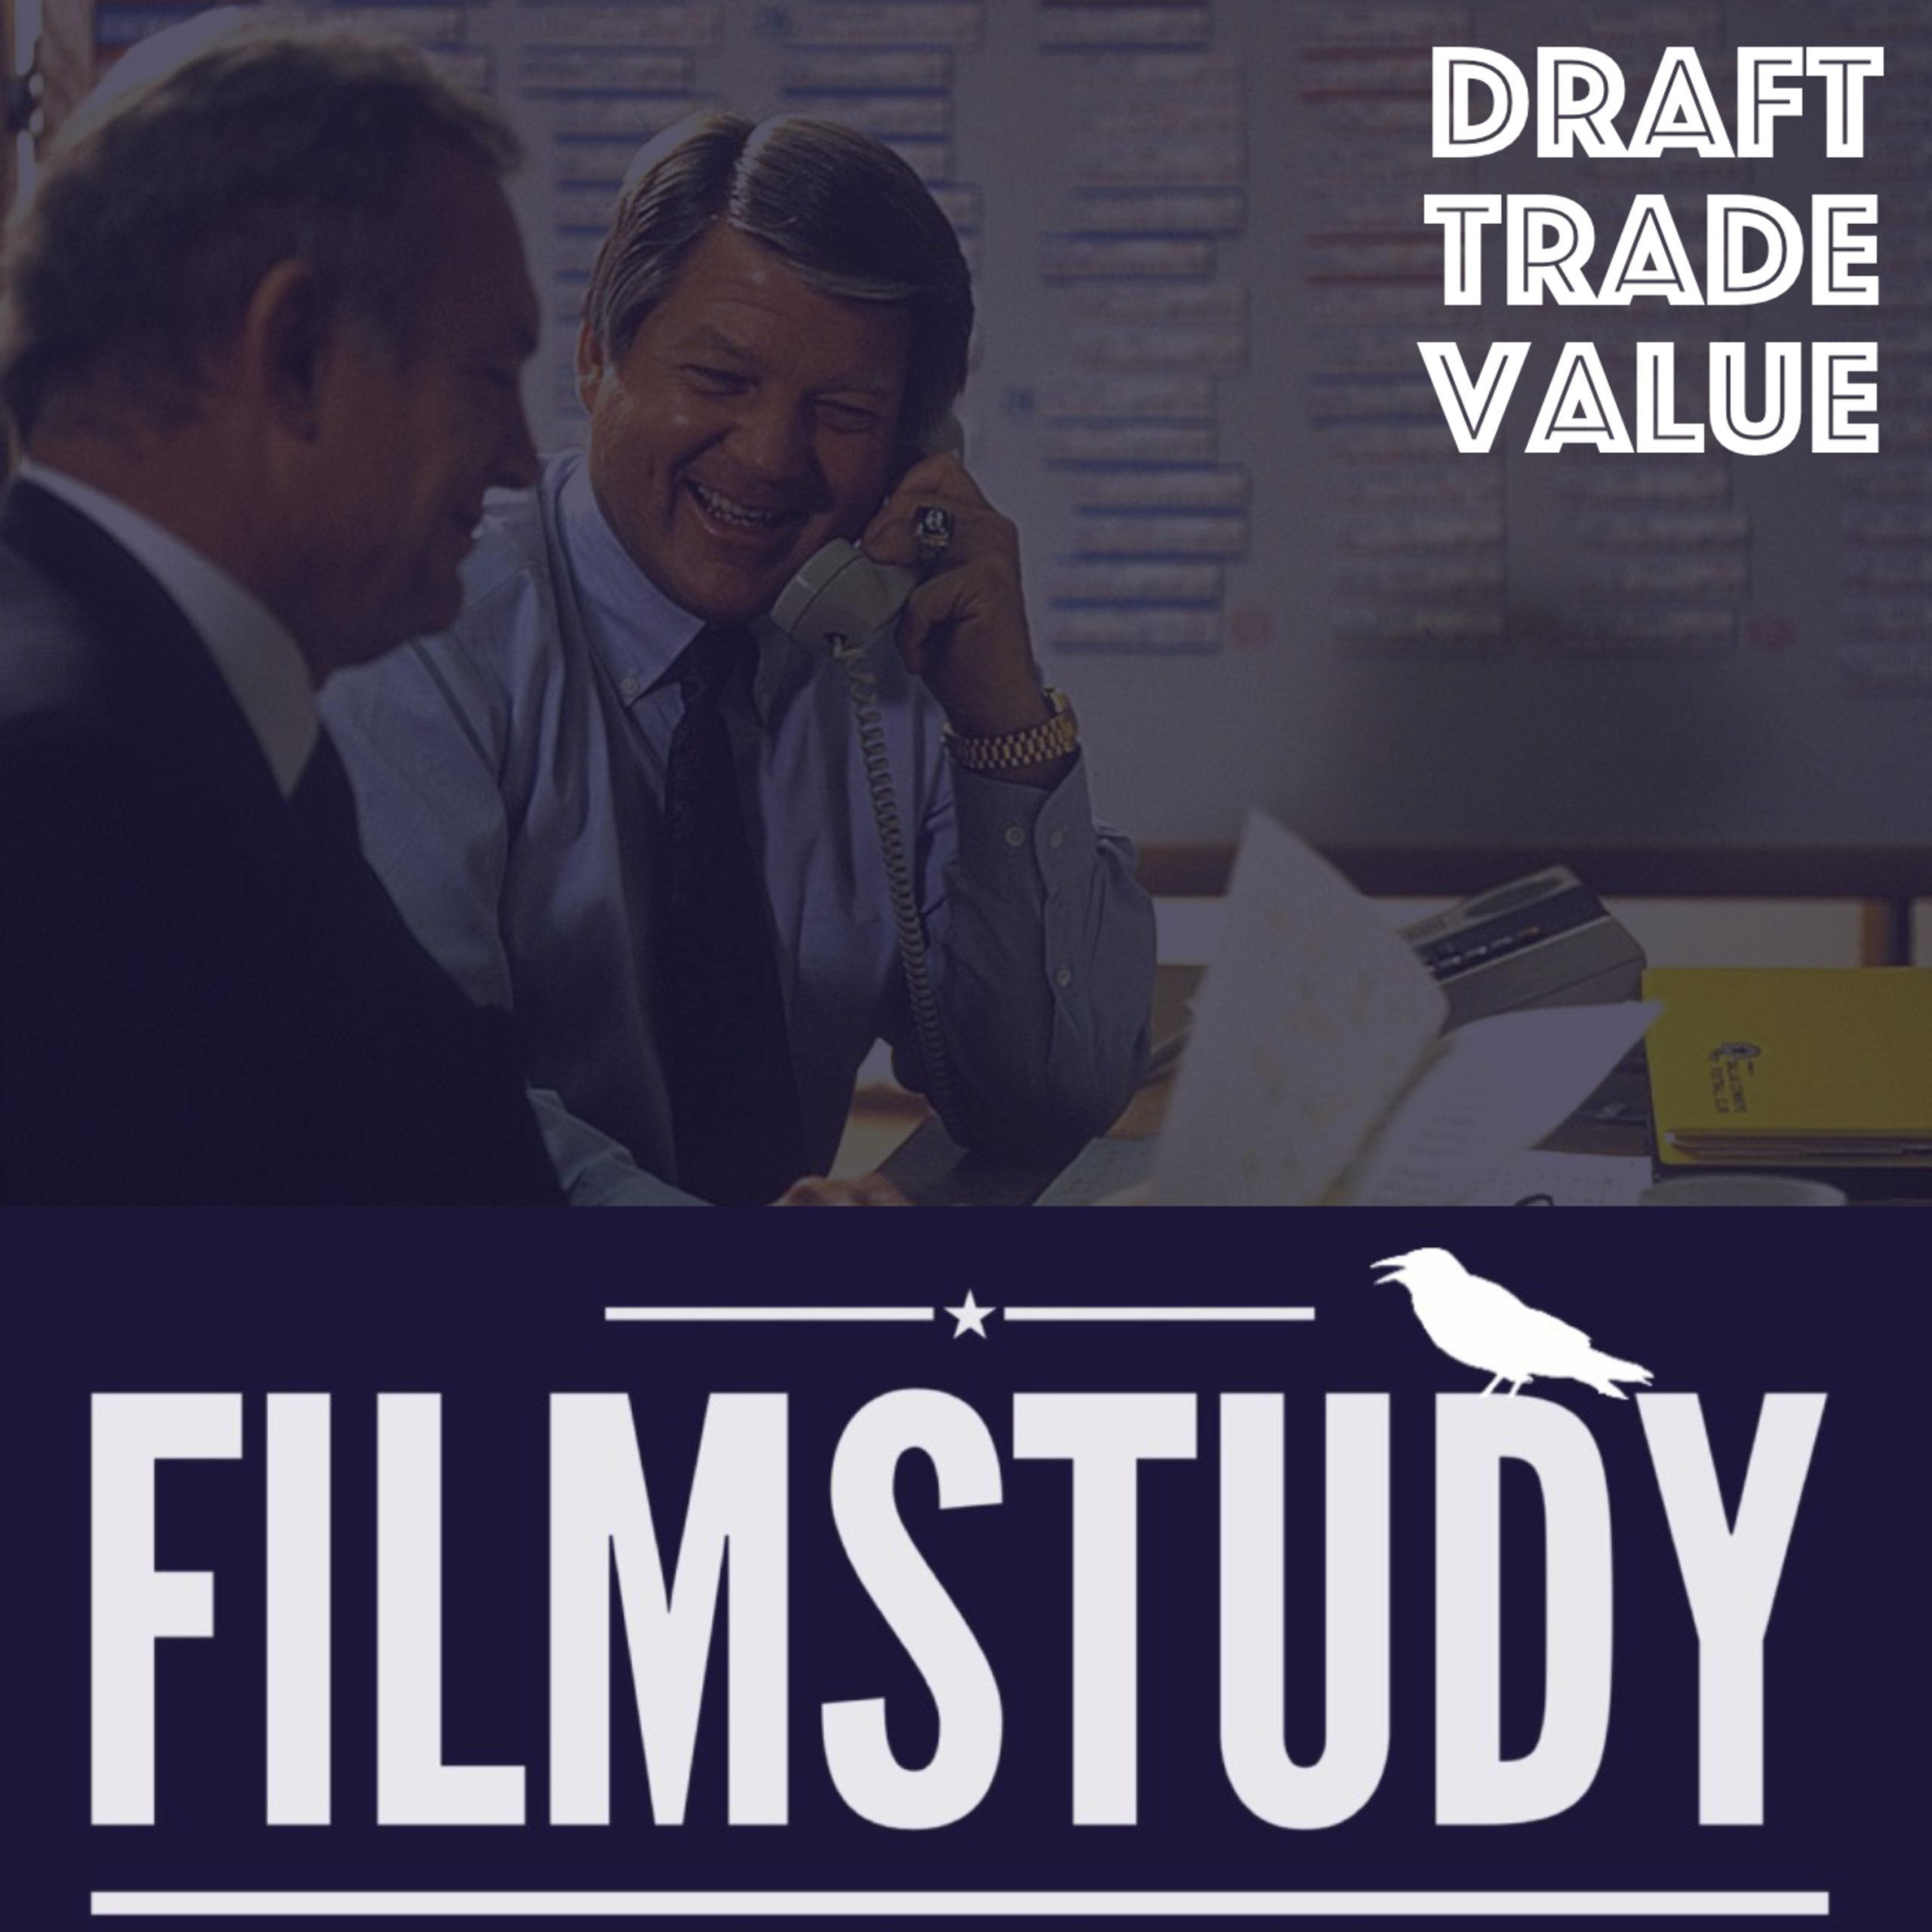 Draft Trade Value